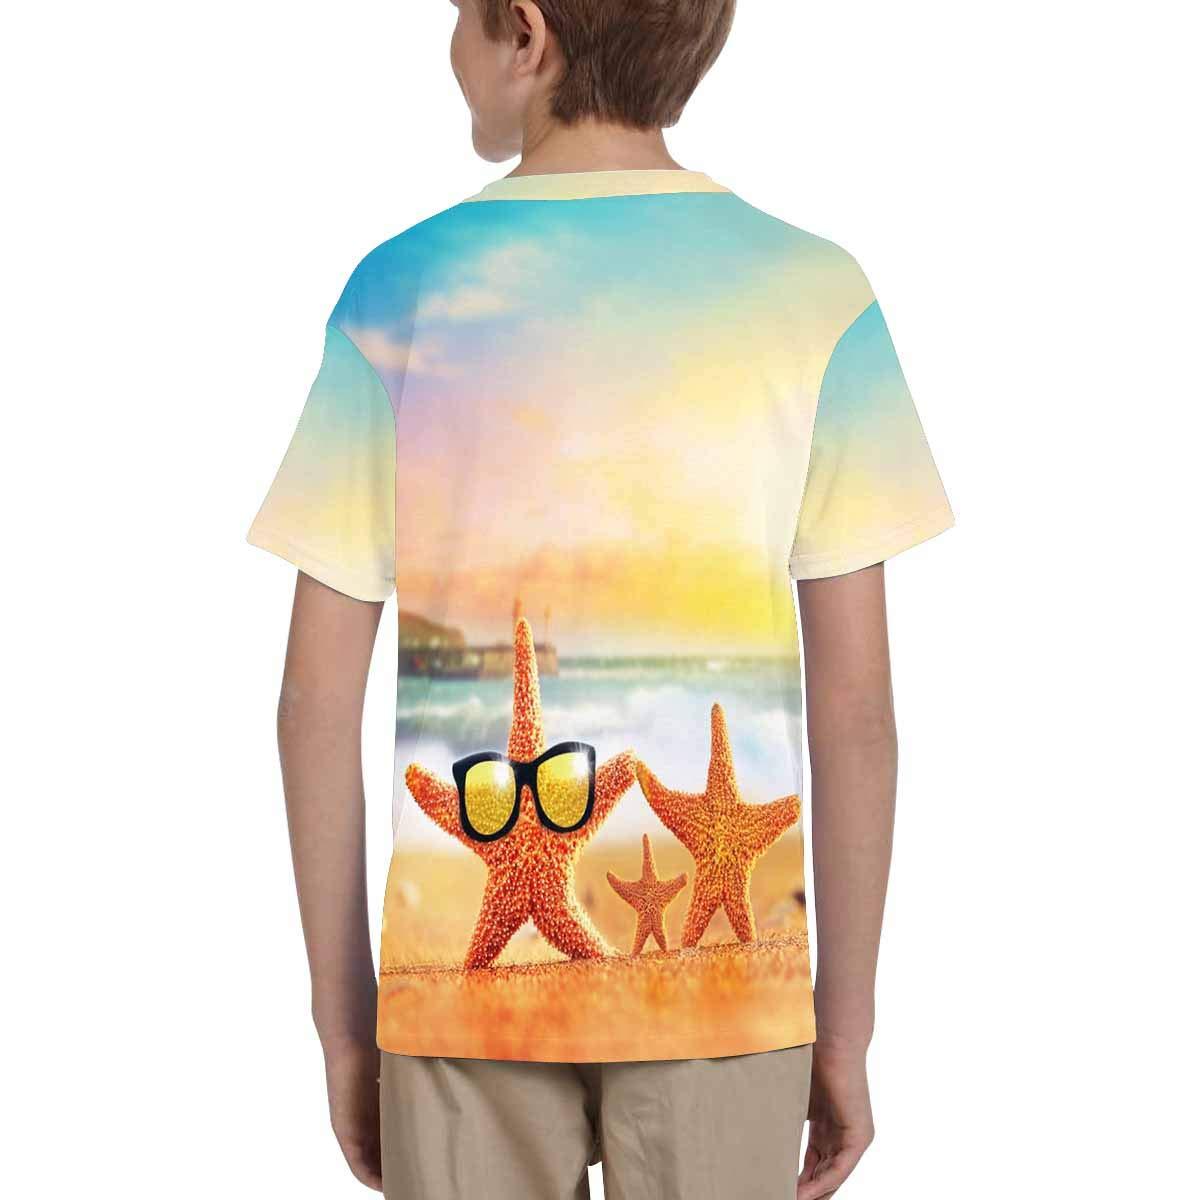 XS-XL INTERESTPRINT Kids Short Sleeve T-Shirt